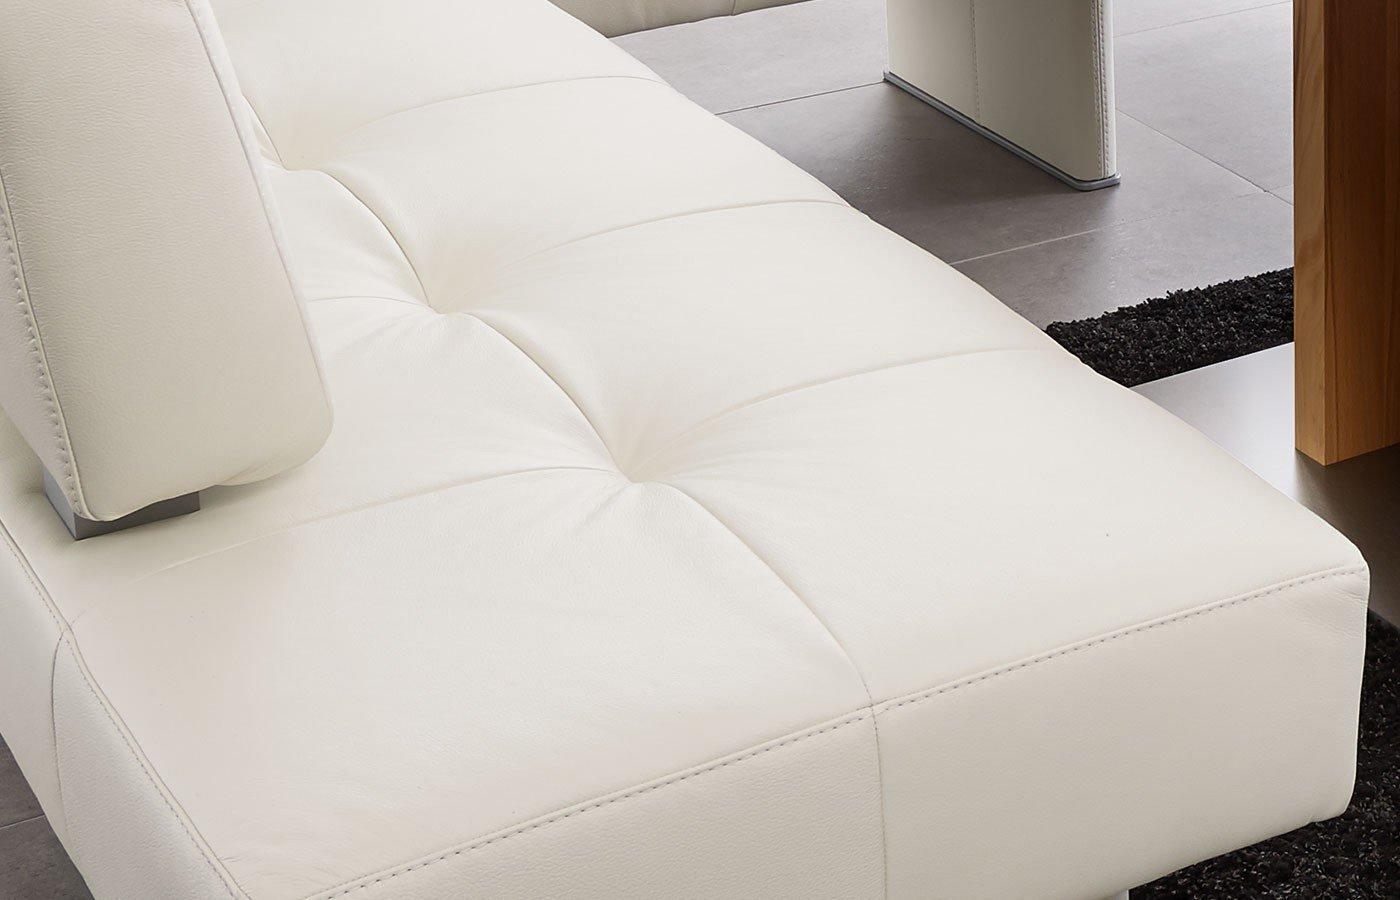 Eckbank weiß leder  K+W Silaxx Eckbank Spider in Weiß | Möbel Letz - Ihr